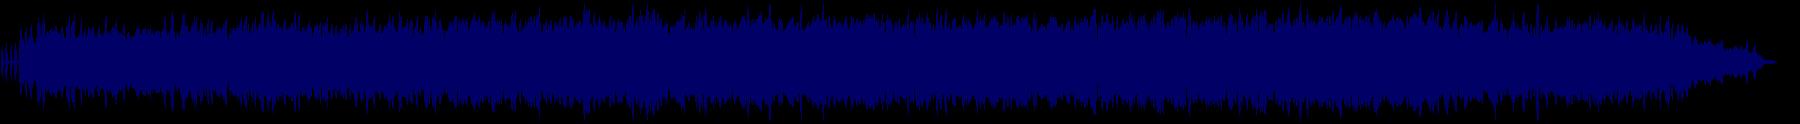 waveform of track #70997